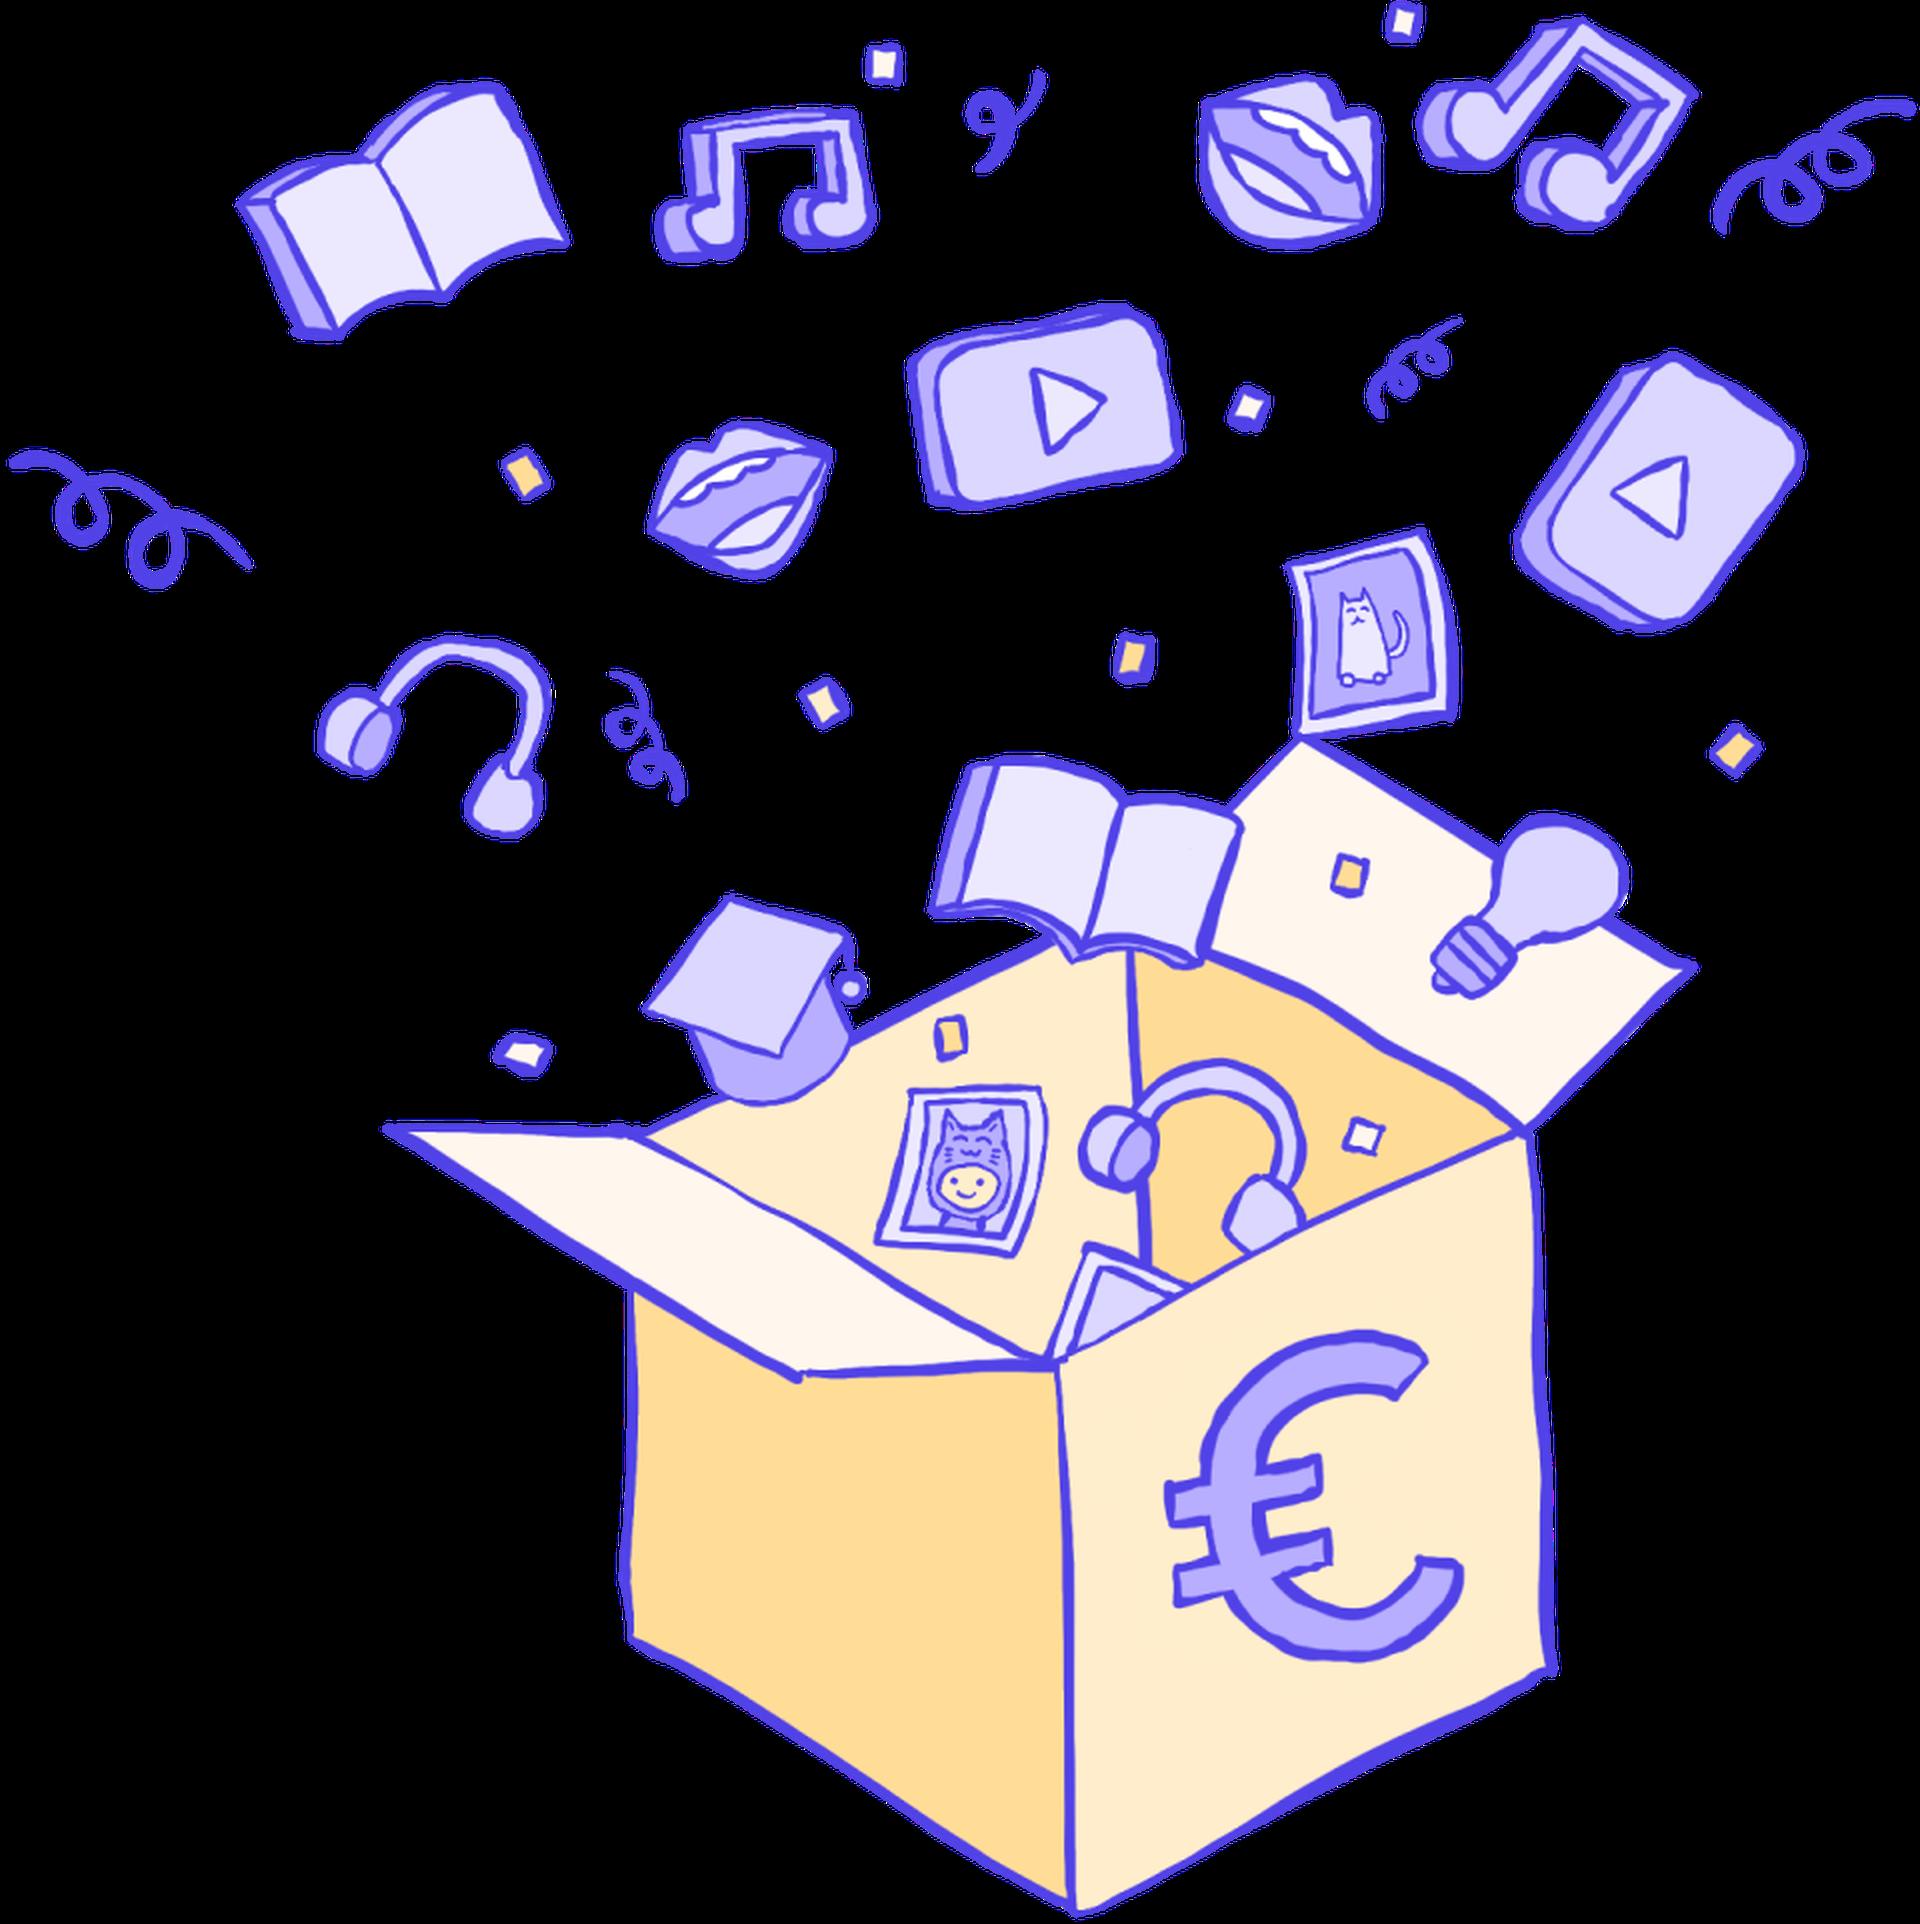 vente de produits numériques